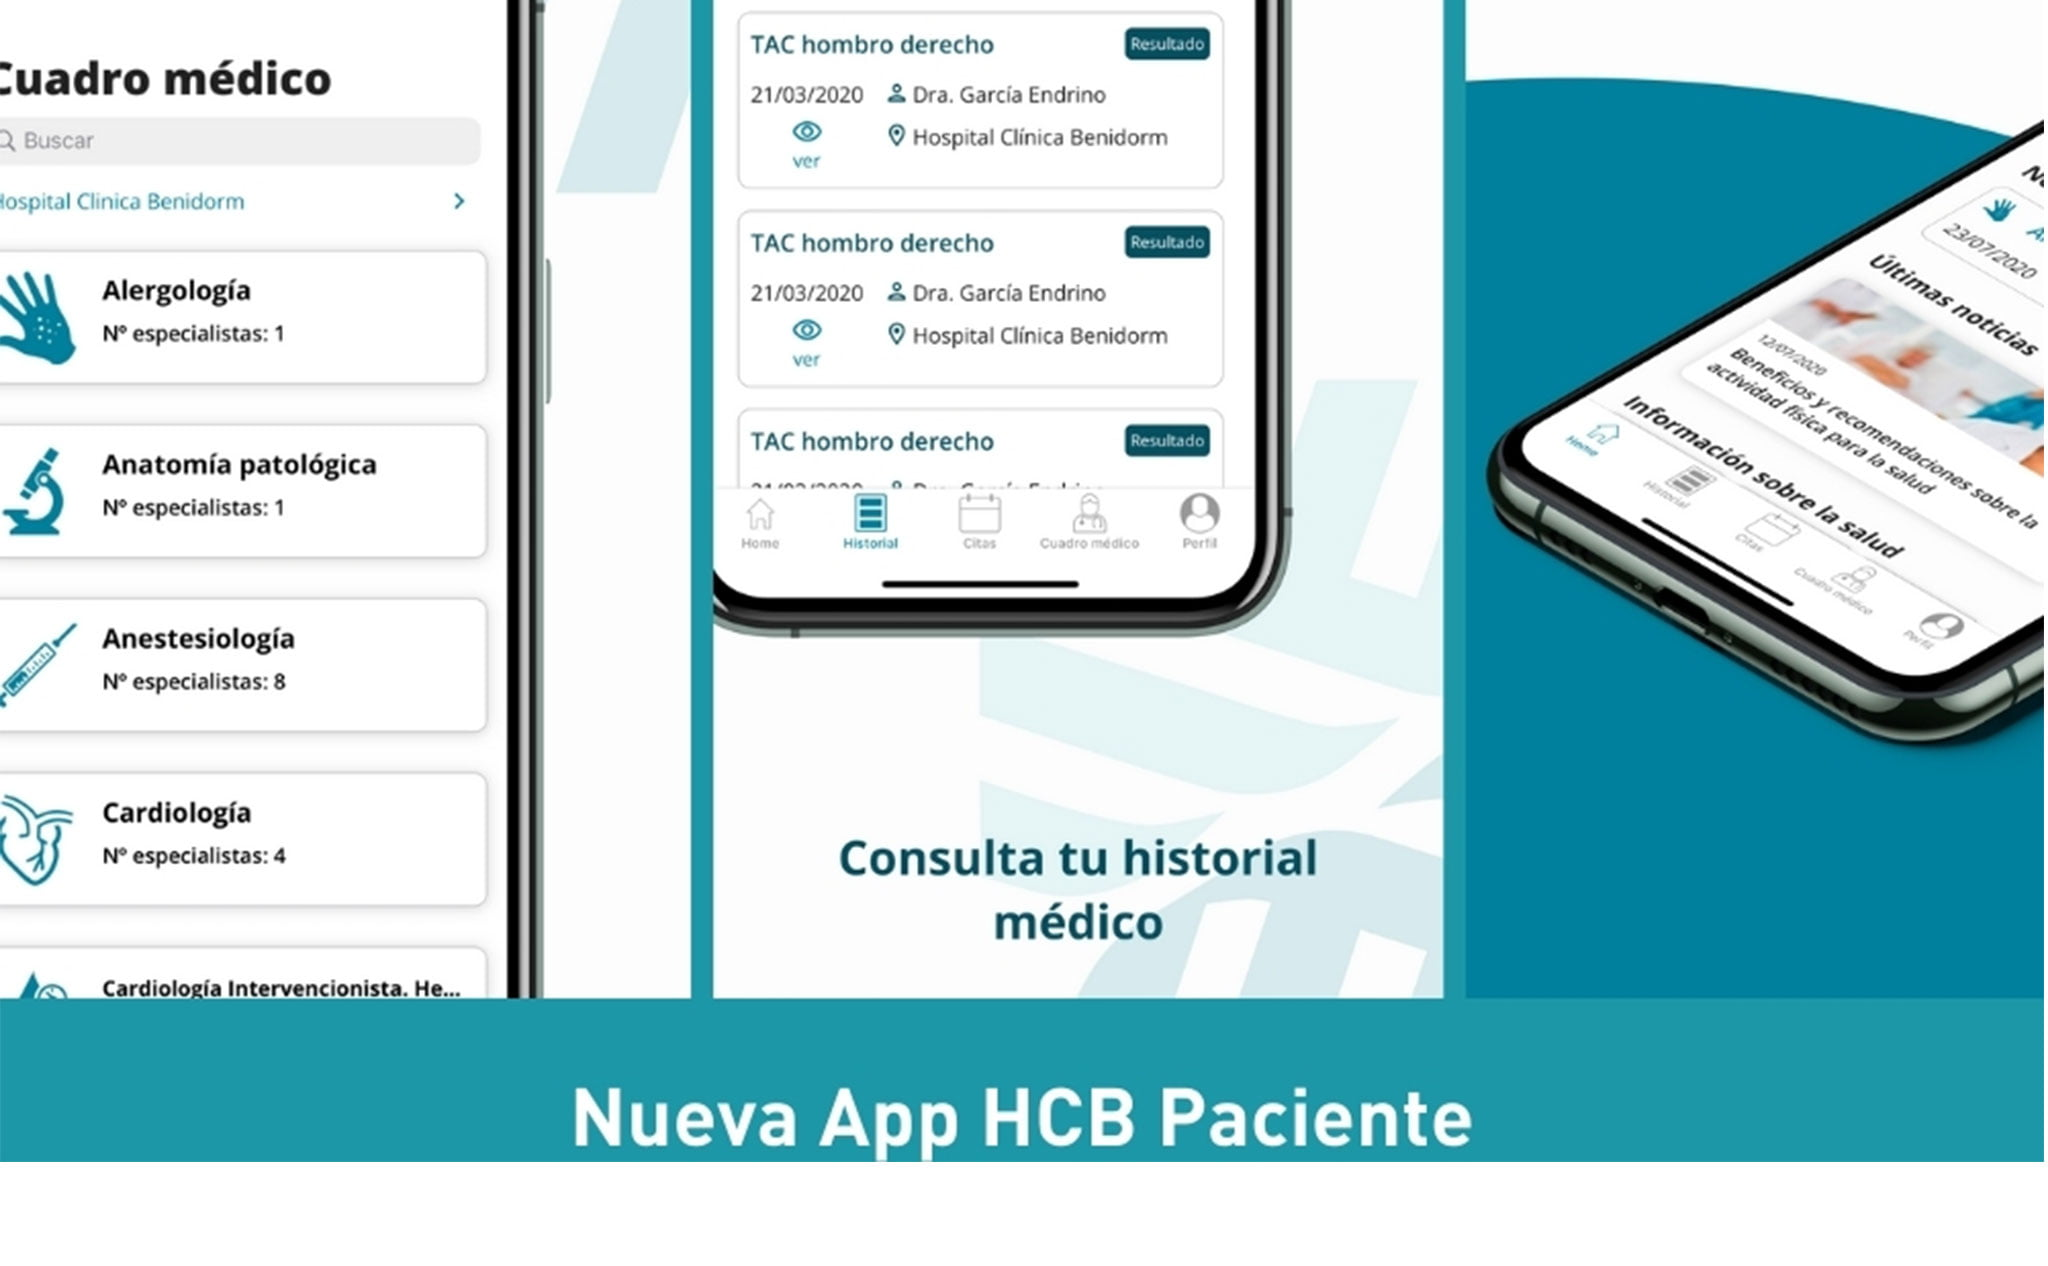 Nueva App de Hospital Clínica Benidorm (HCB)